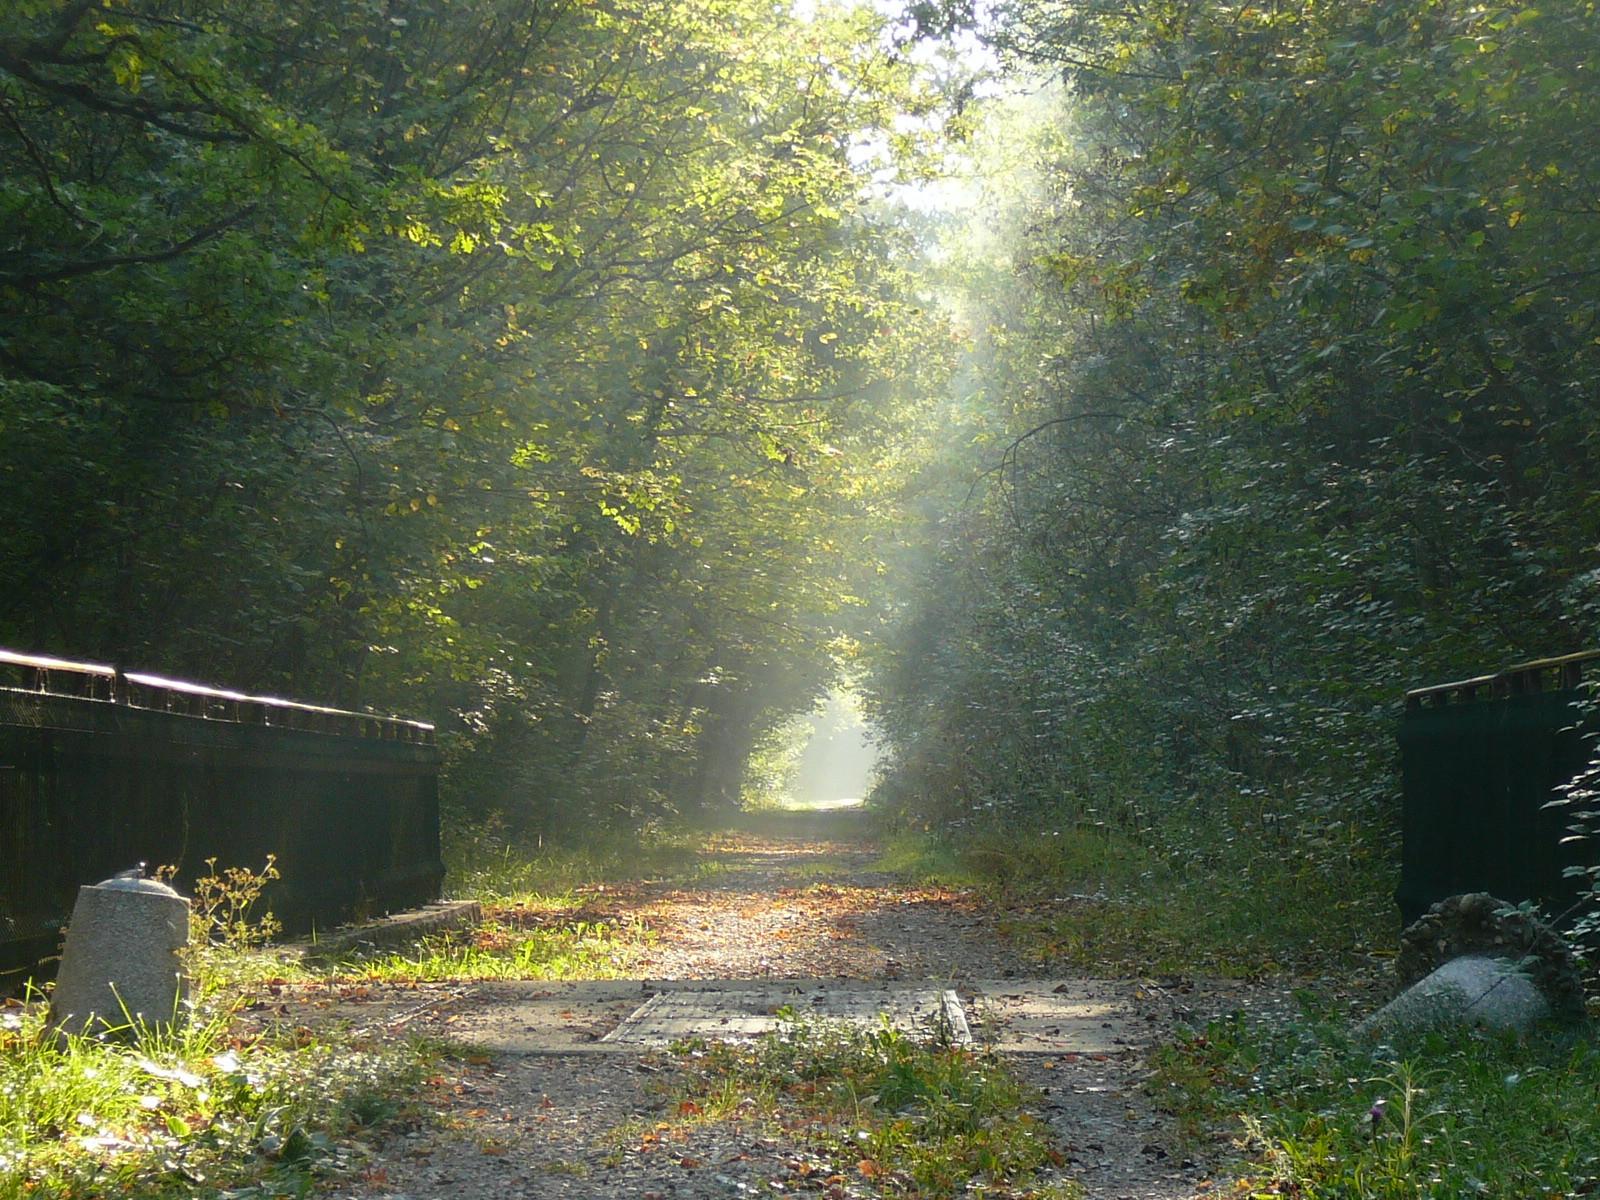 une voie en sous-bois